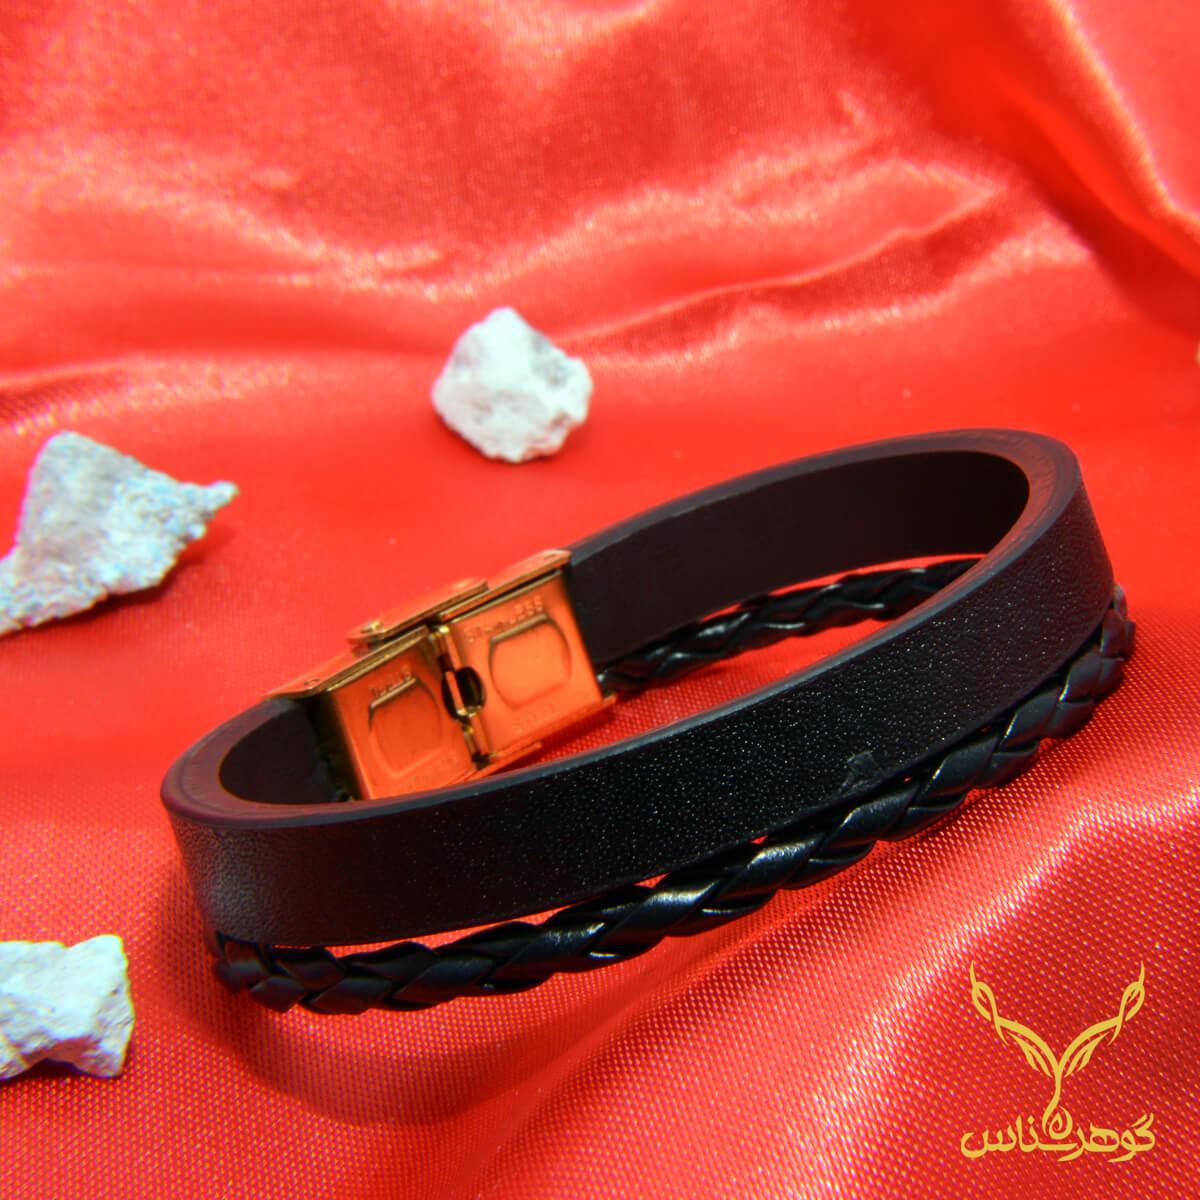 دستبند چرمی کدRD010 دستبند چرم همراه با سنگ یکی از بهترین گزینه ها برای آقایان است.فروشگاه آنلاین گوهرشناس مرکز معتبر خرید جواهرات